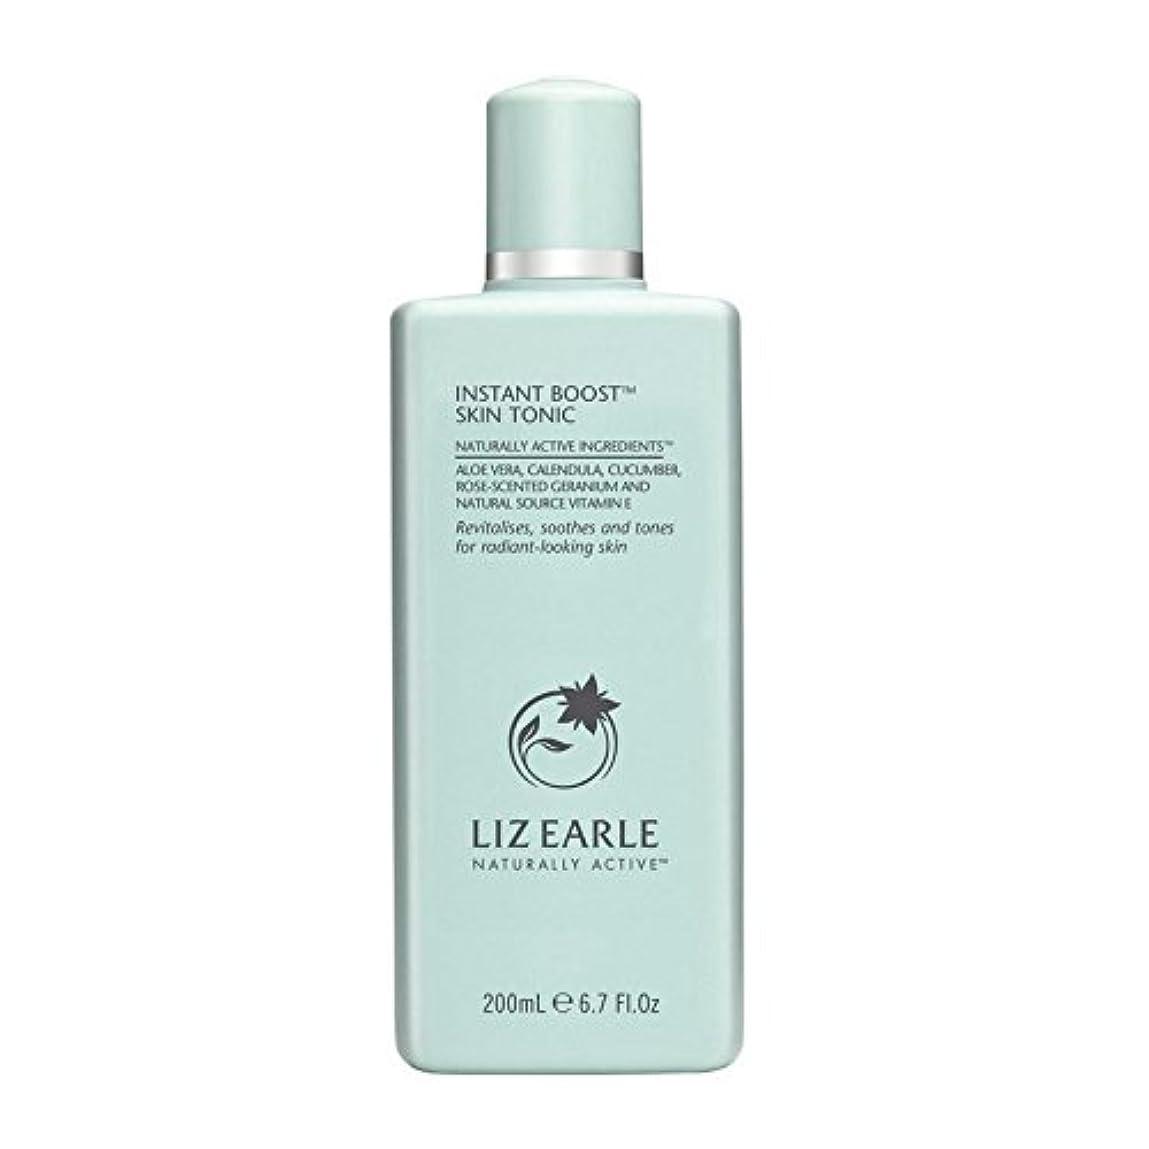 甘美な鯨バーリズアールインスタントブーストスキントニックボトル200ミリリットル x2 - Liz Earle Instant Boost Skin Tonic Bottle 200ml (Pack of 2) [並行輸入品]